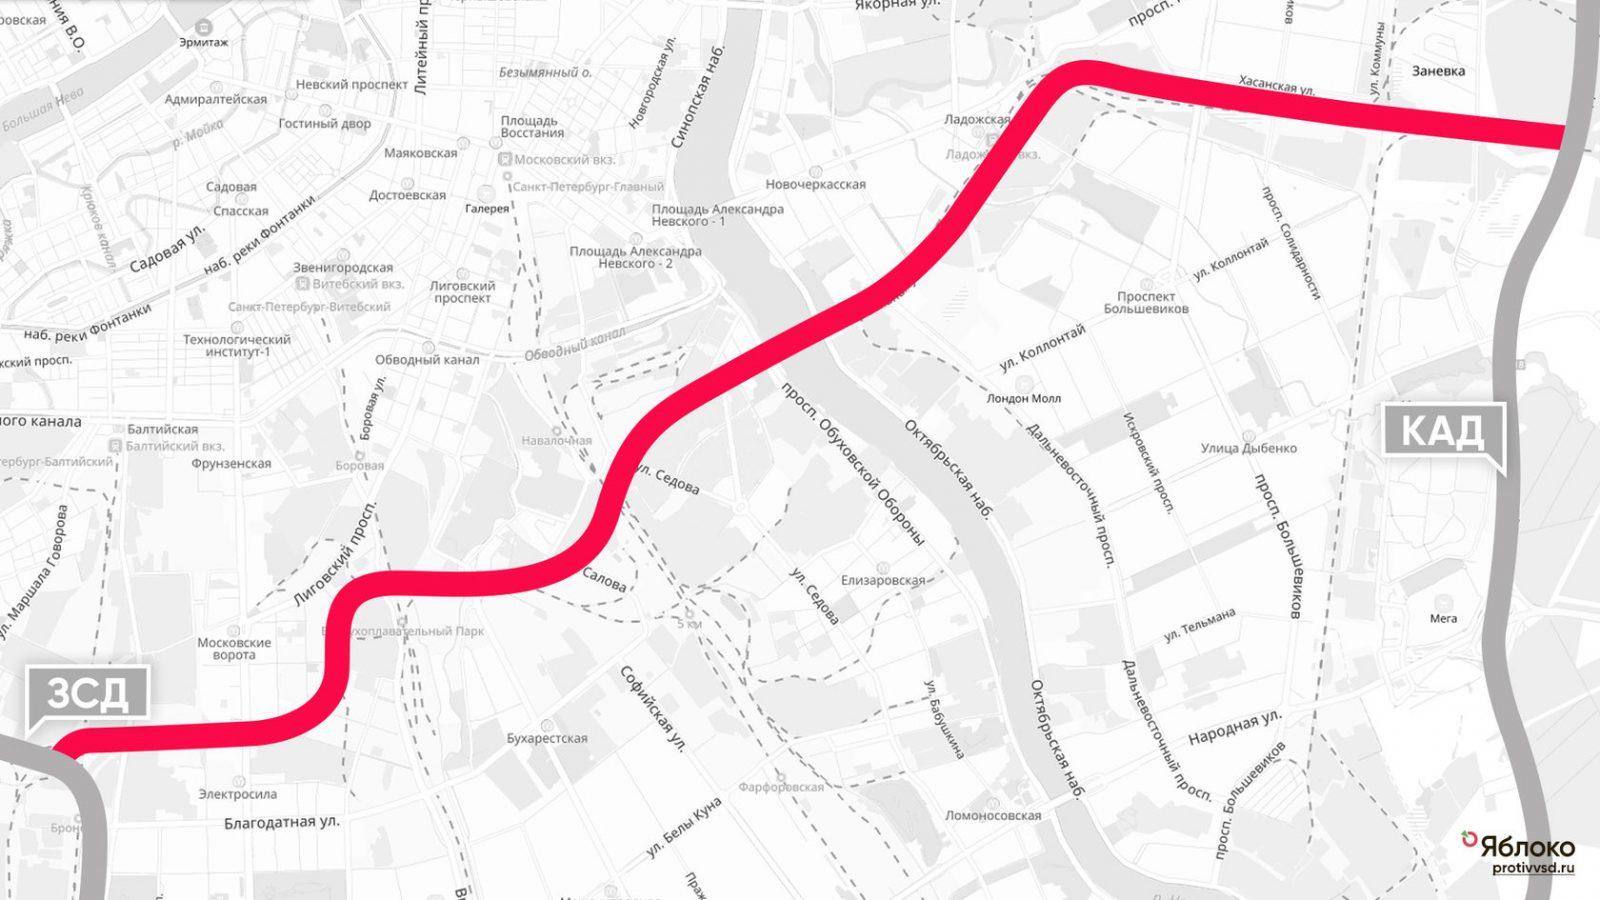 ВСД: нужна ли Петербургу ещё одна скоростная магистраль и какой ценой?